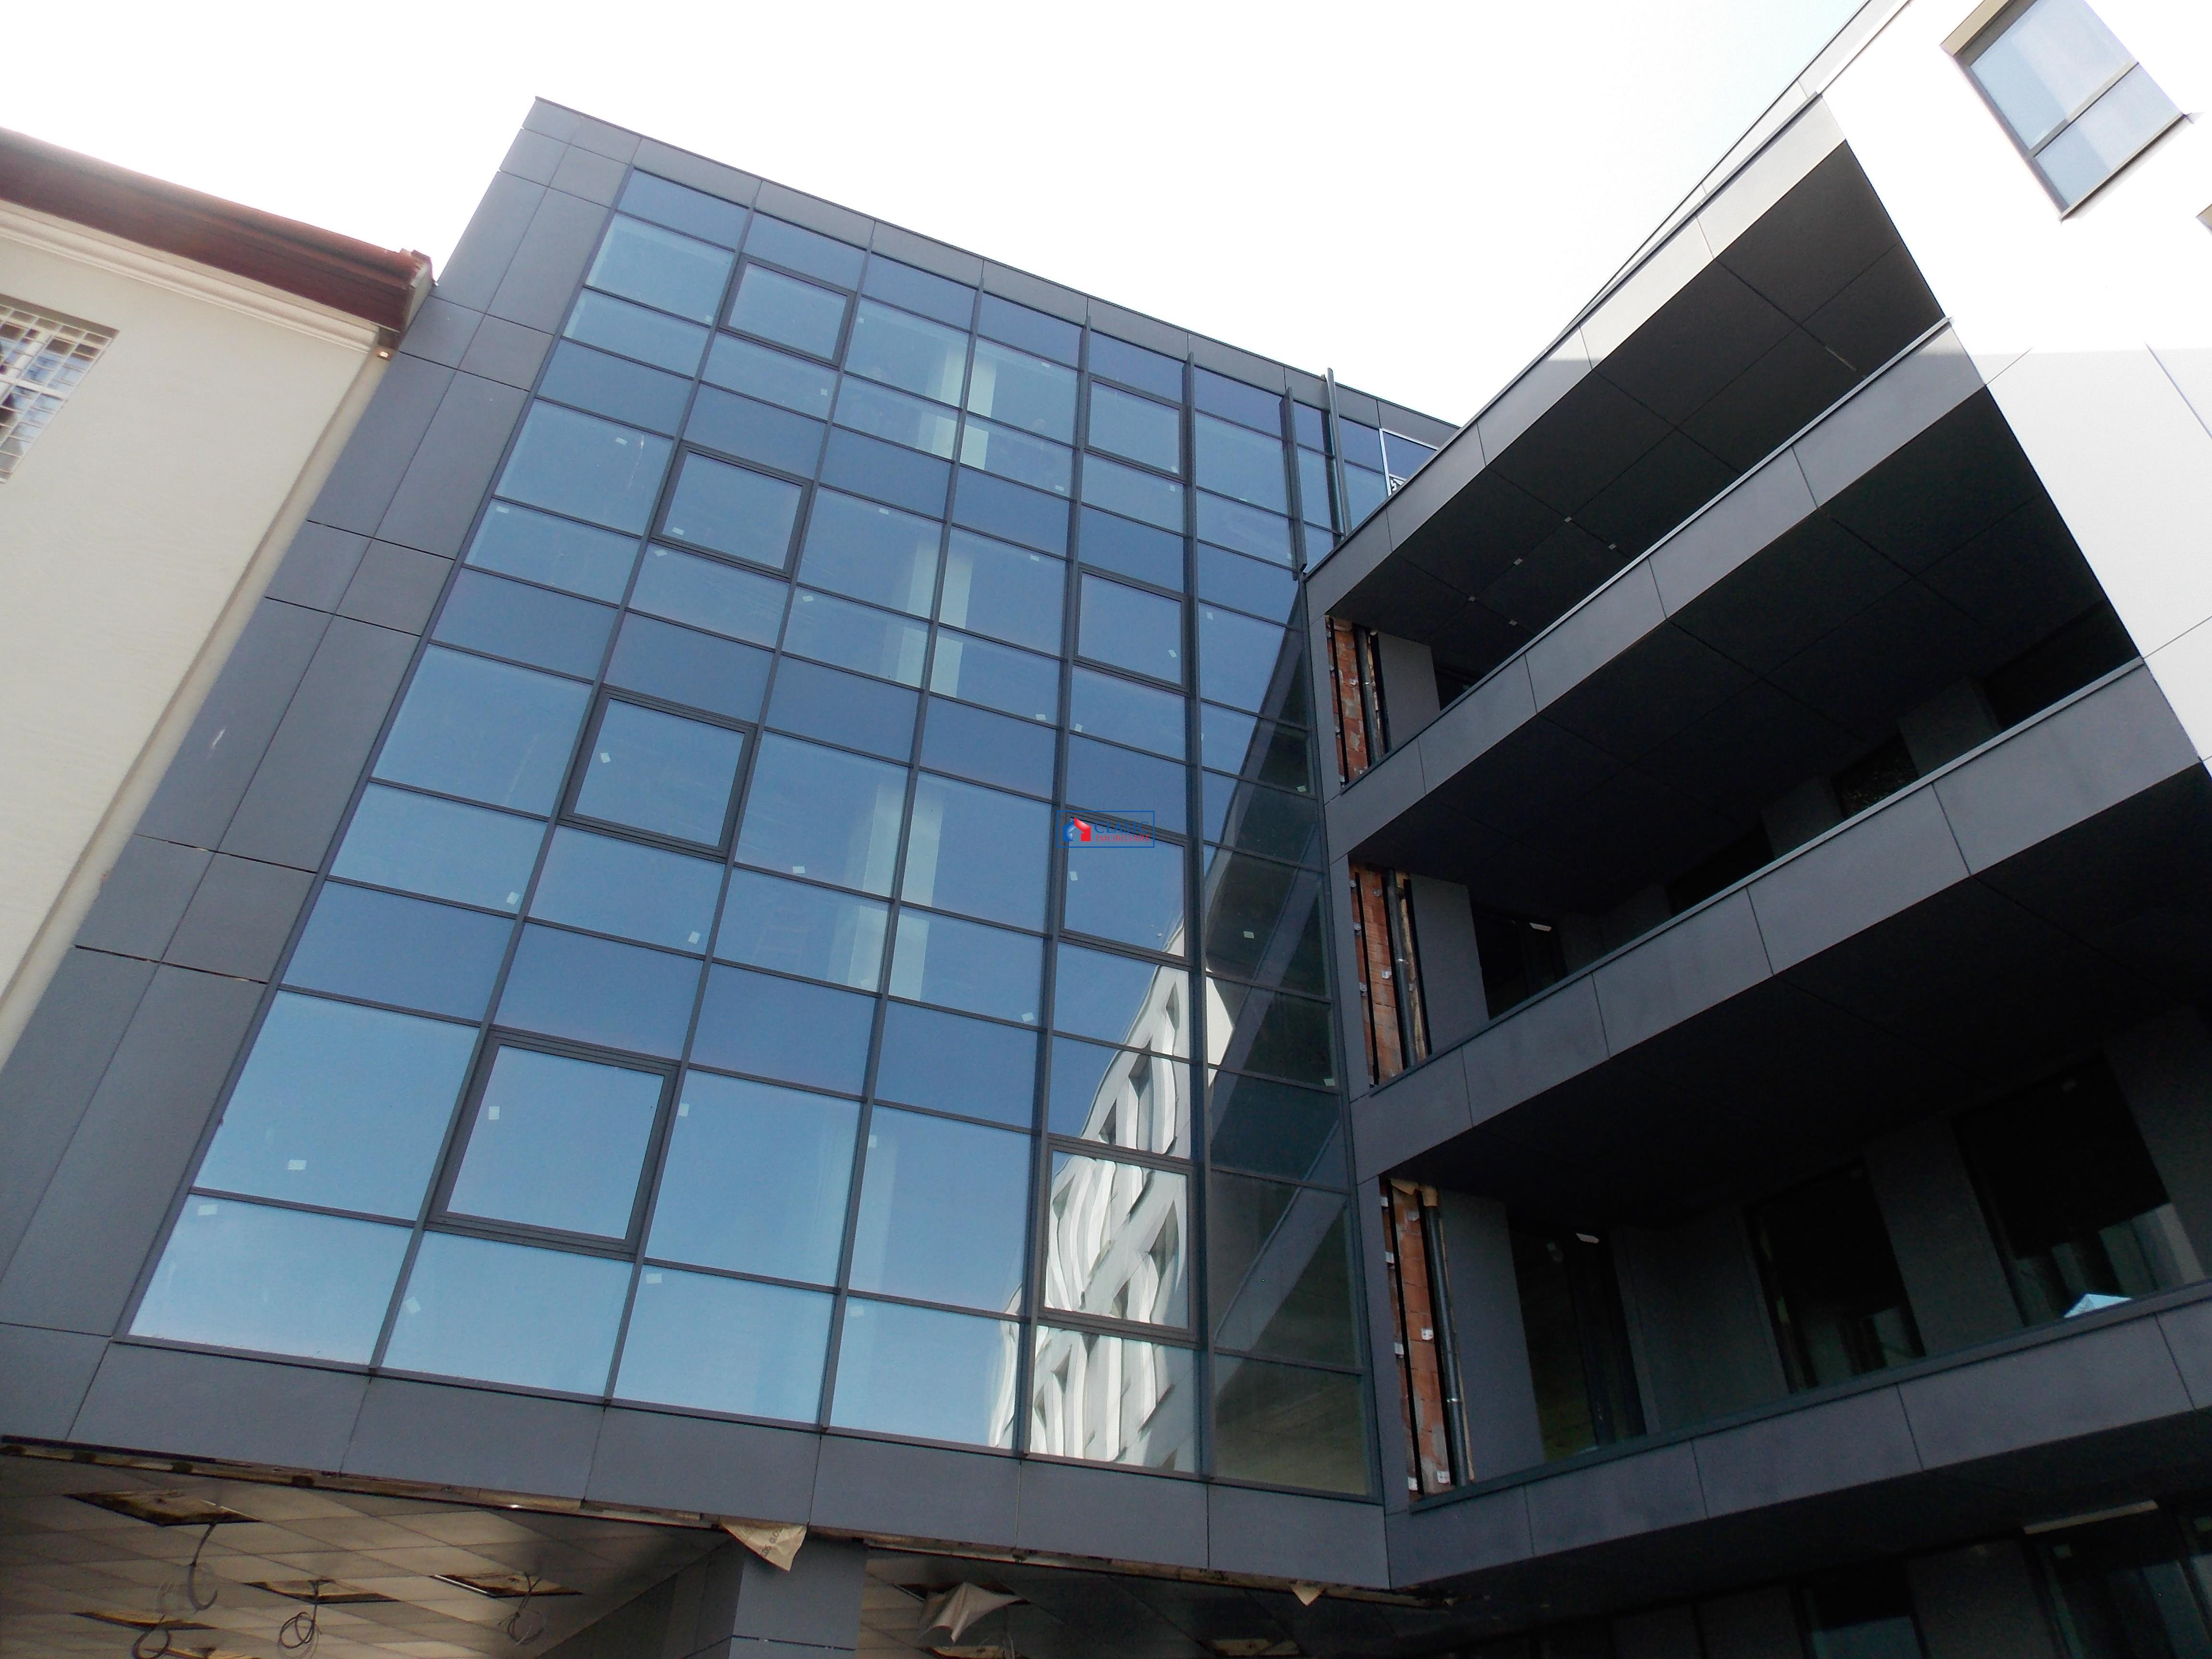 Inchiriere 1167 mp, cladire de birouri, Semicentral, Cluj Napoca